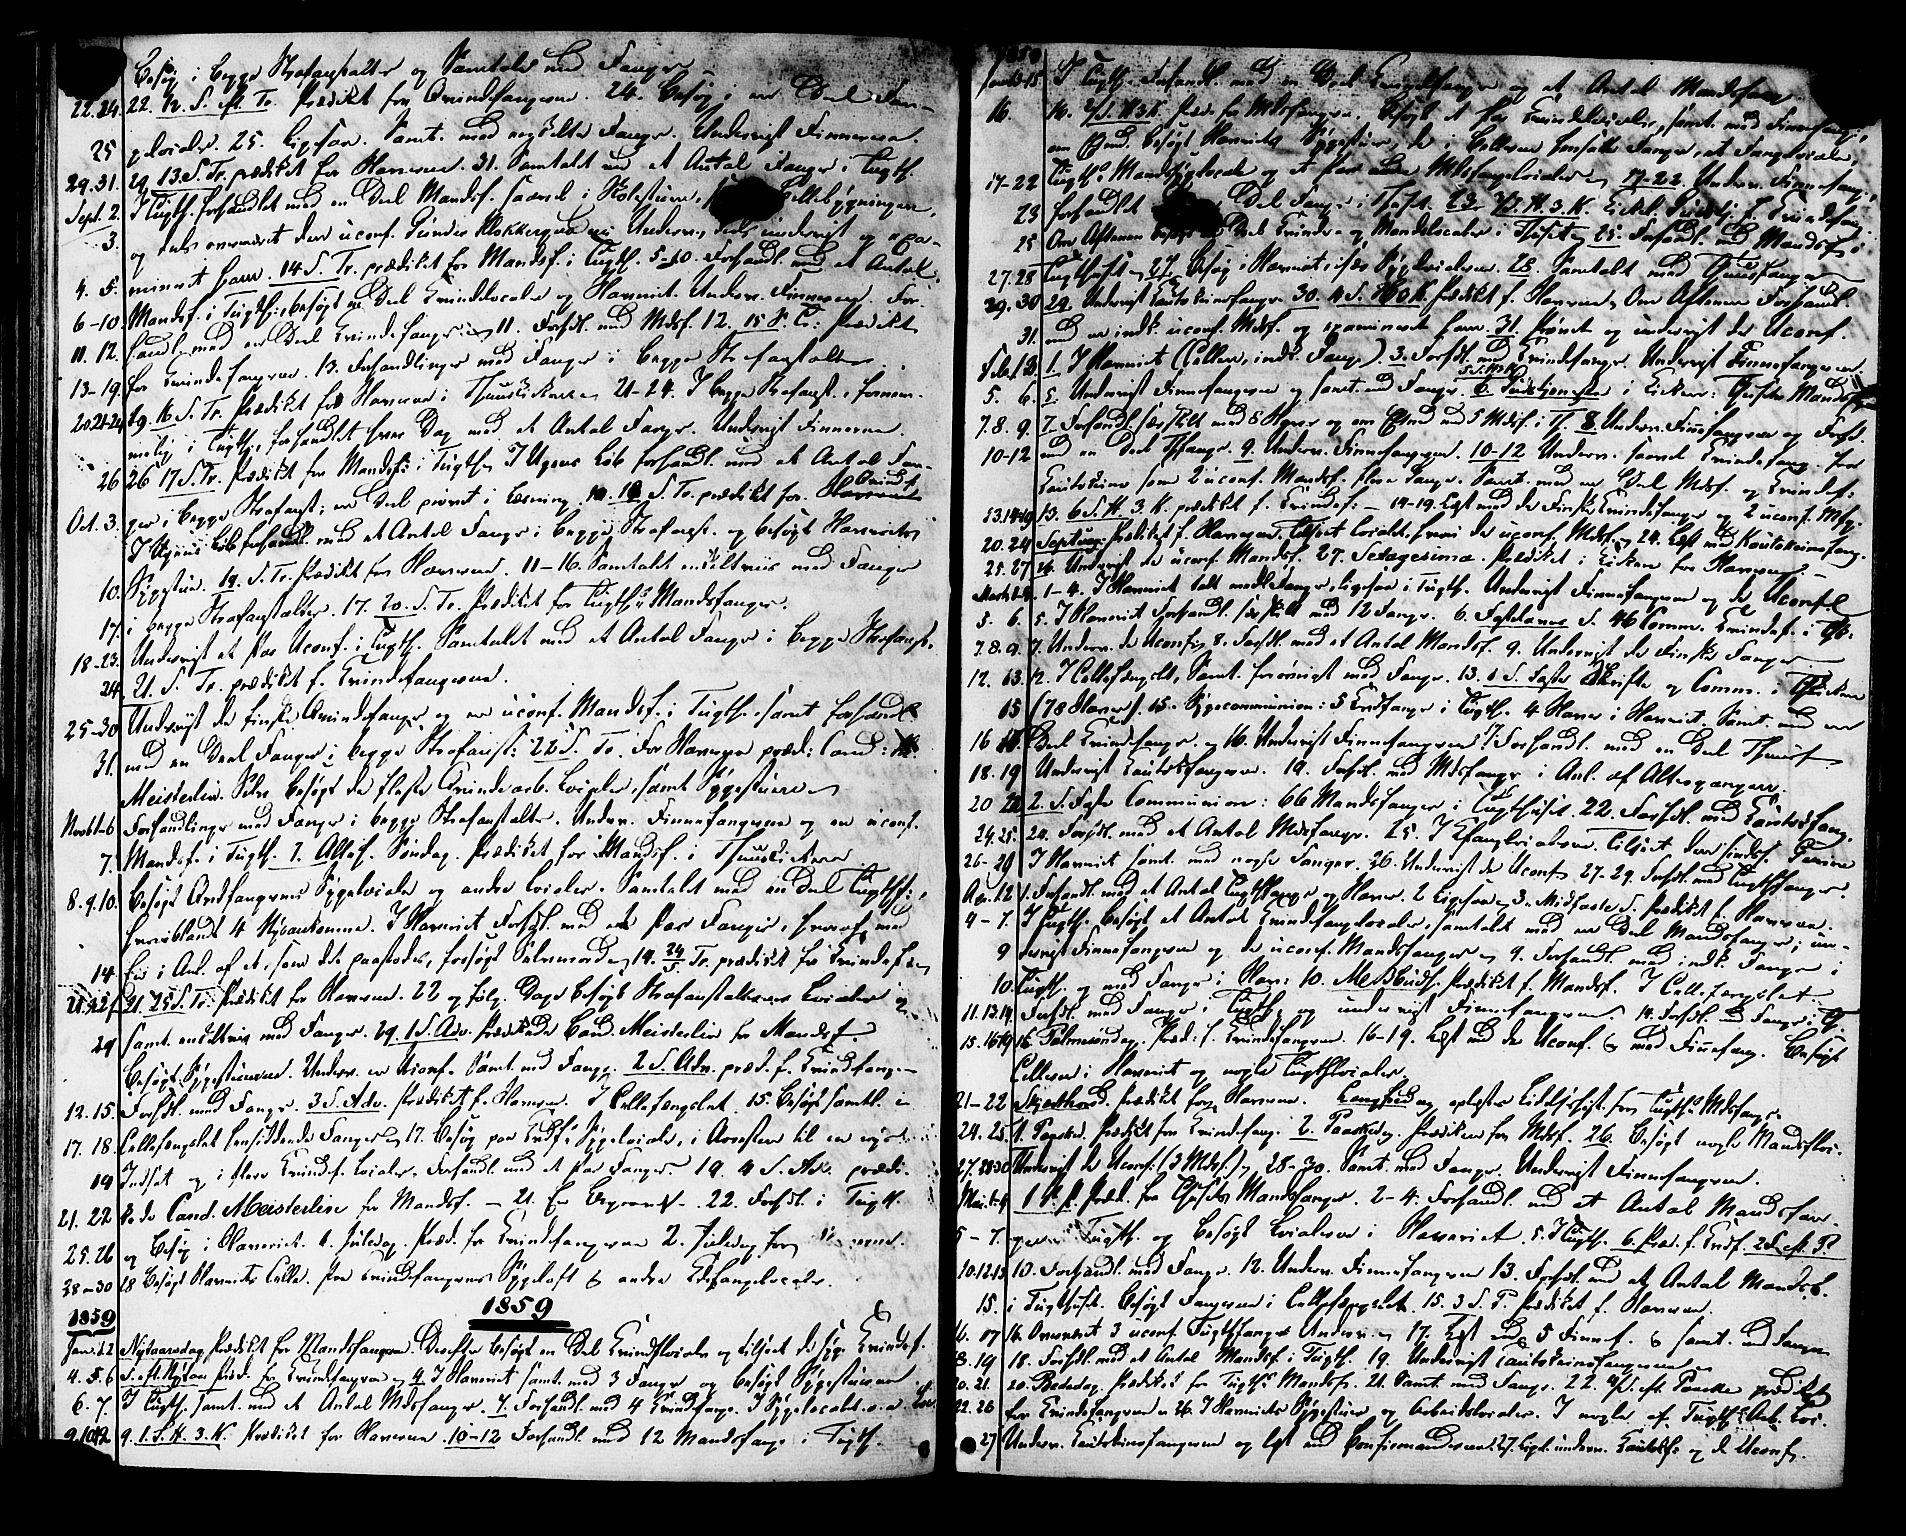 SAT, Ministerialprotokoller, klokkerbøker og fødselsregistre - Sør-Trøndelag, 624/L0481: Ministerialbok nr. 624A02, 1841-1869, s. 44